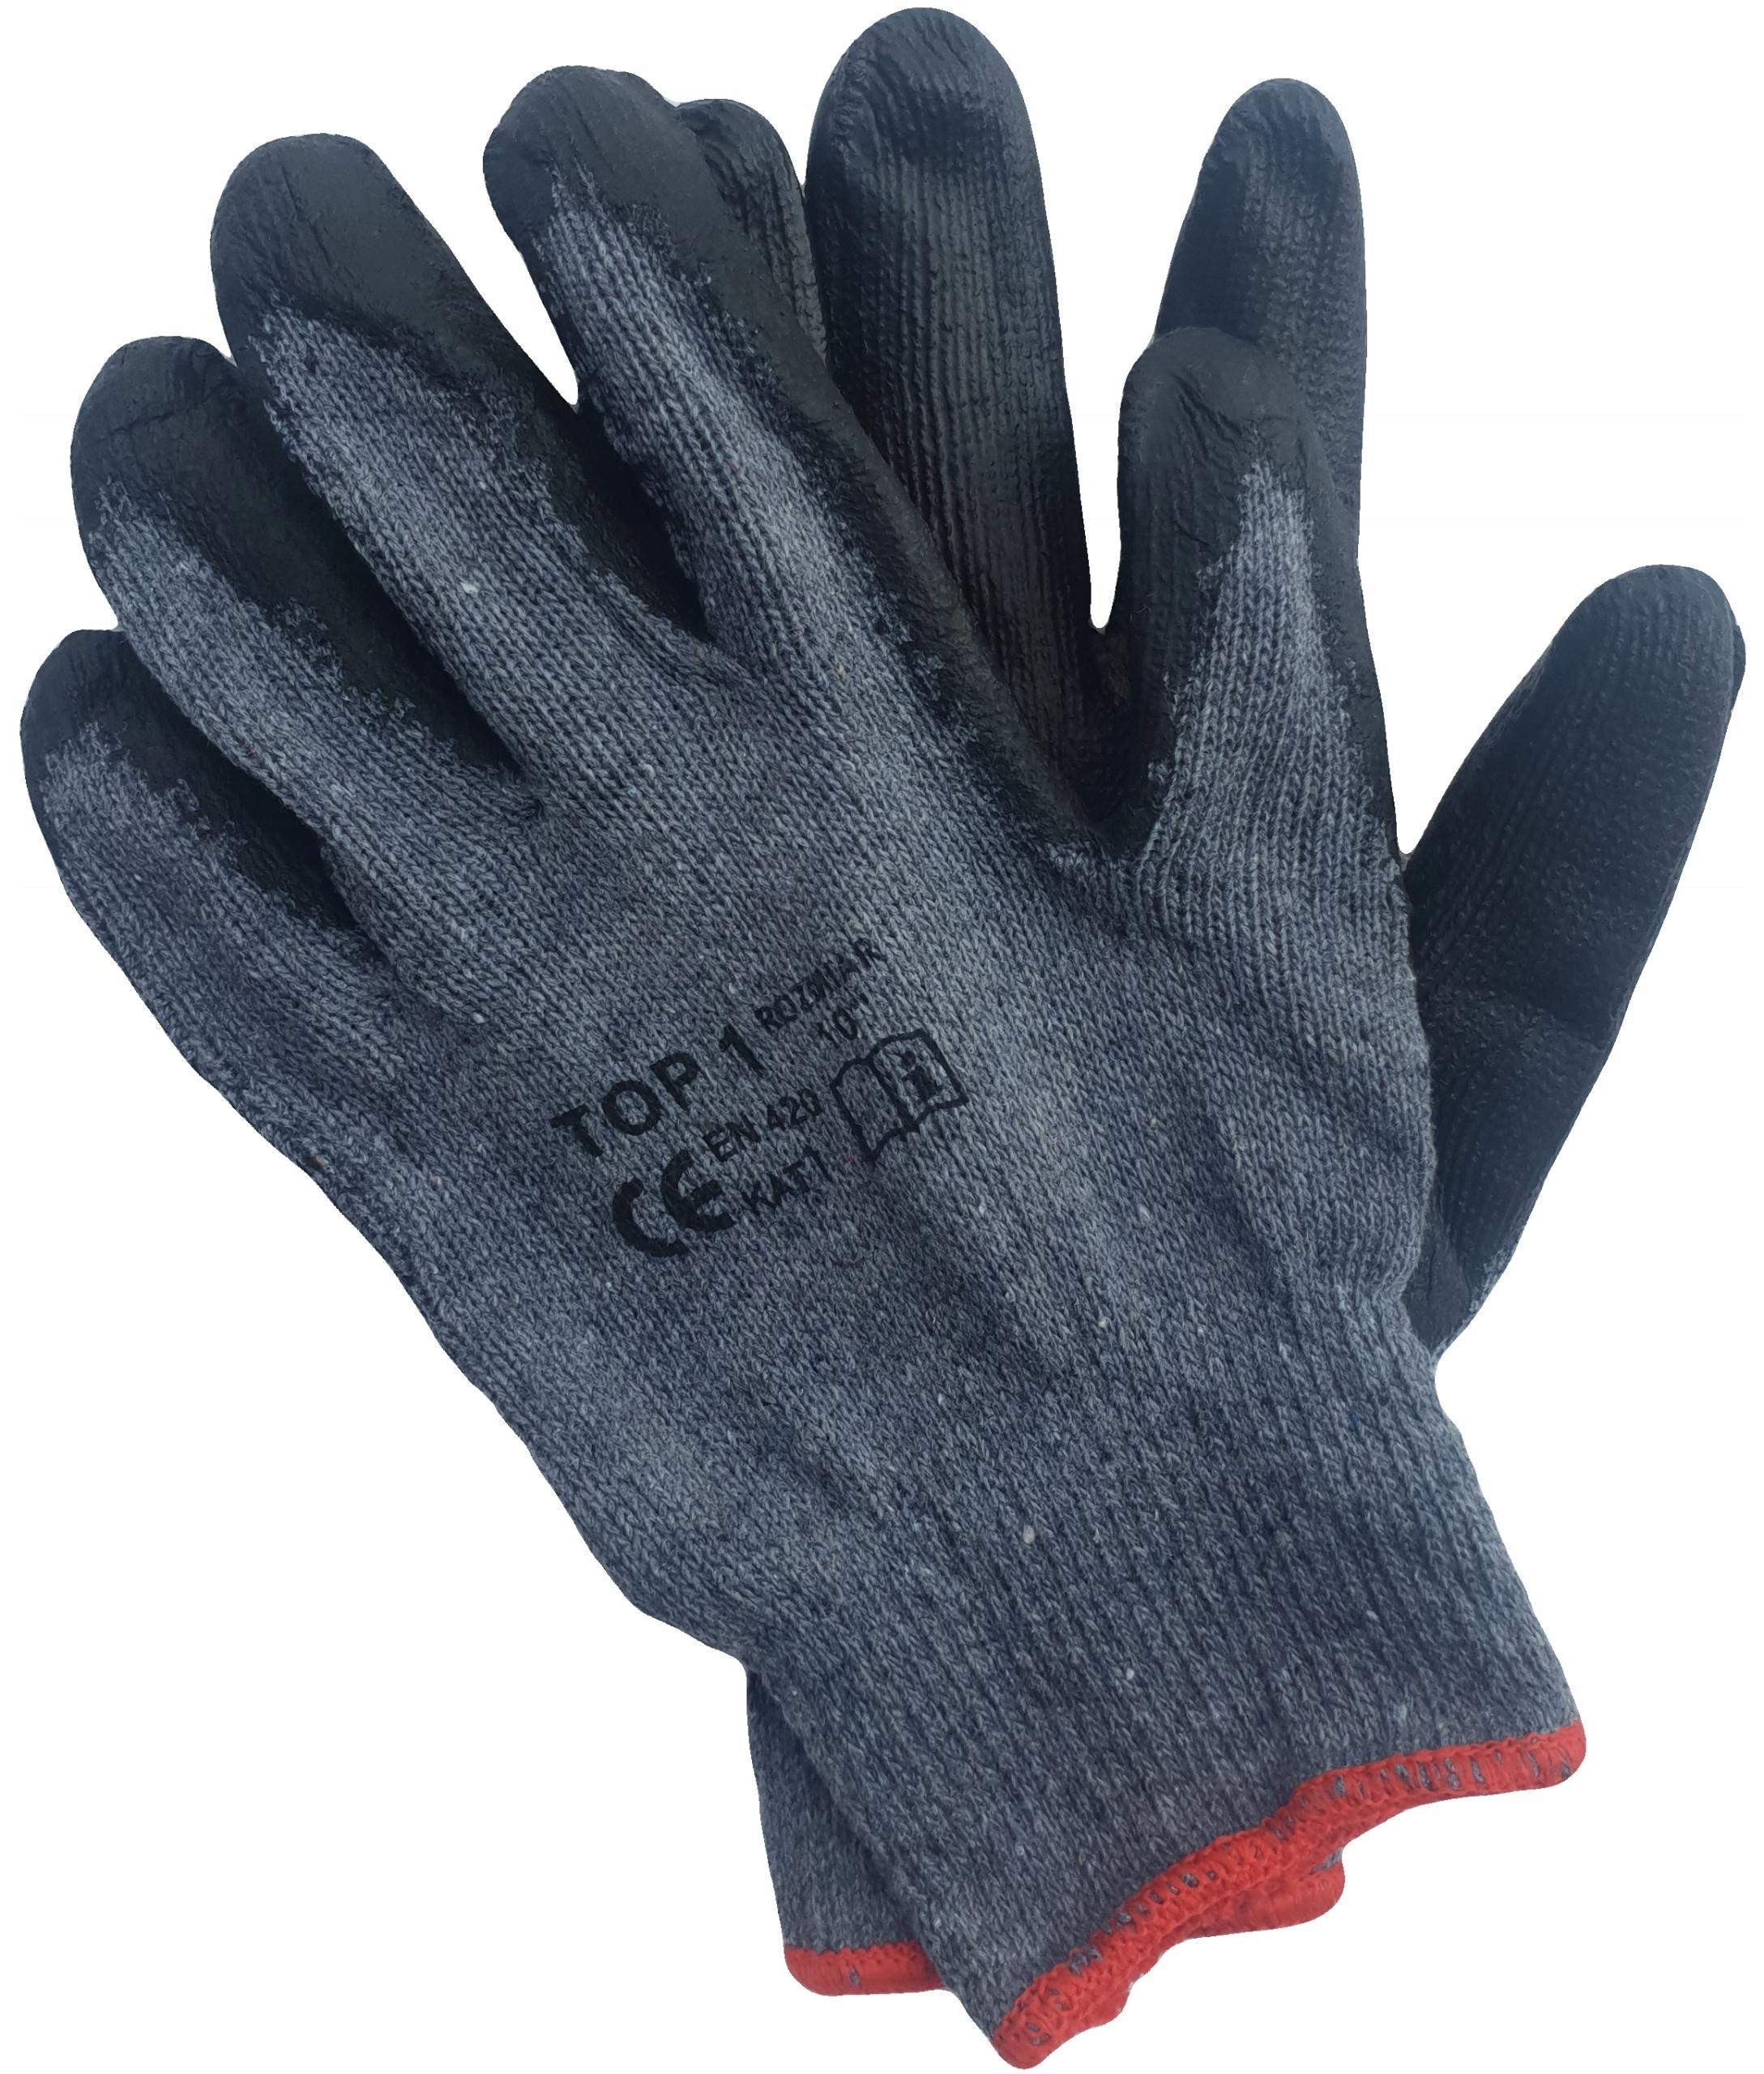 Перчатки перчатки рабочие ЛАТЕКСНЫЕ сильно пролет